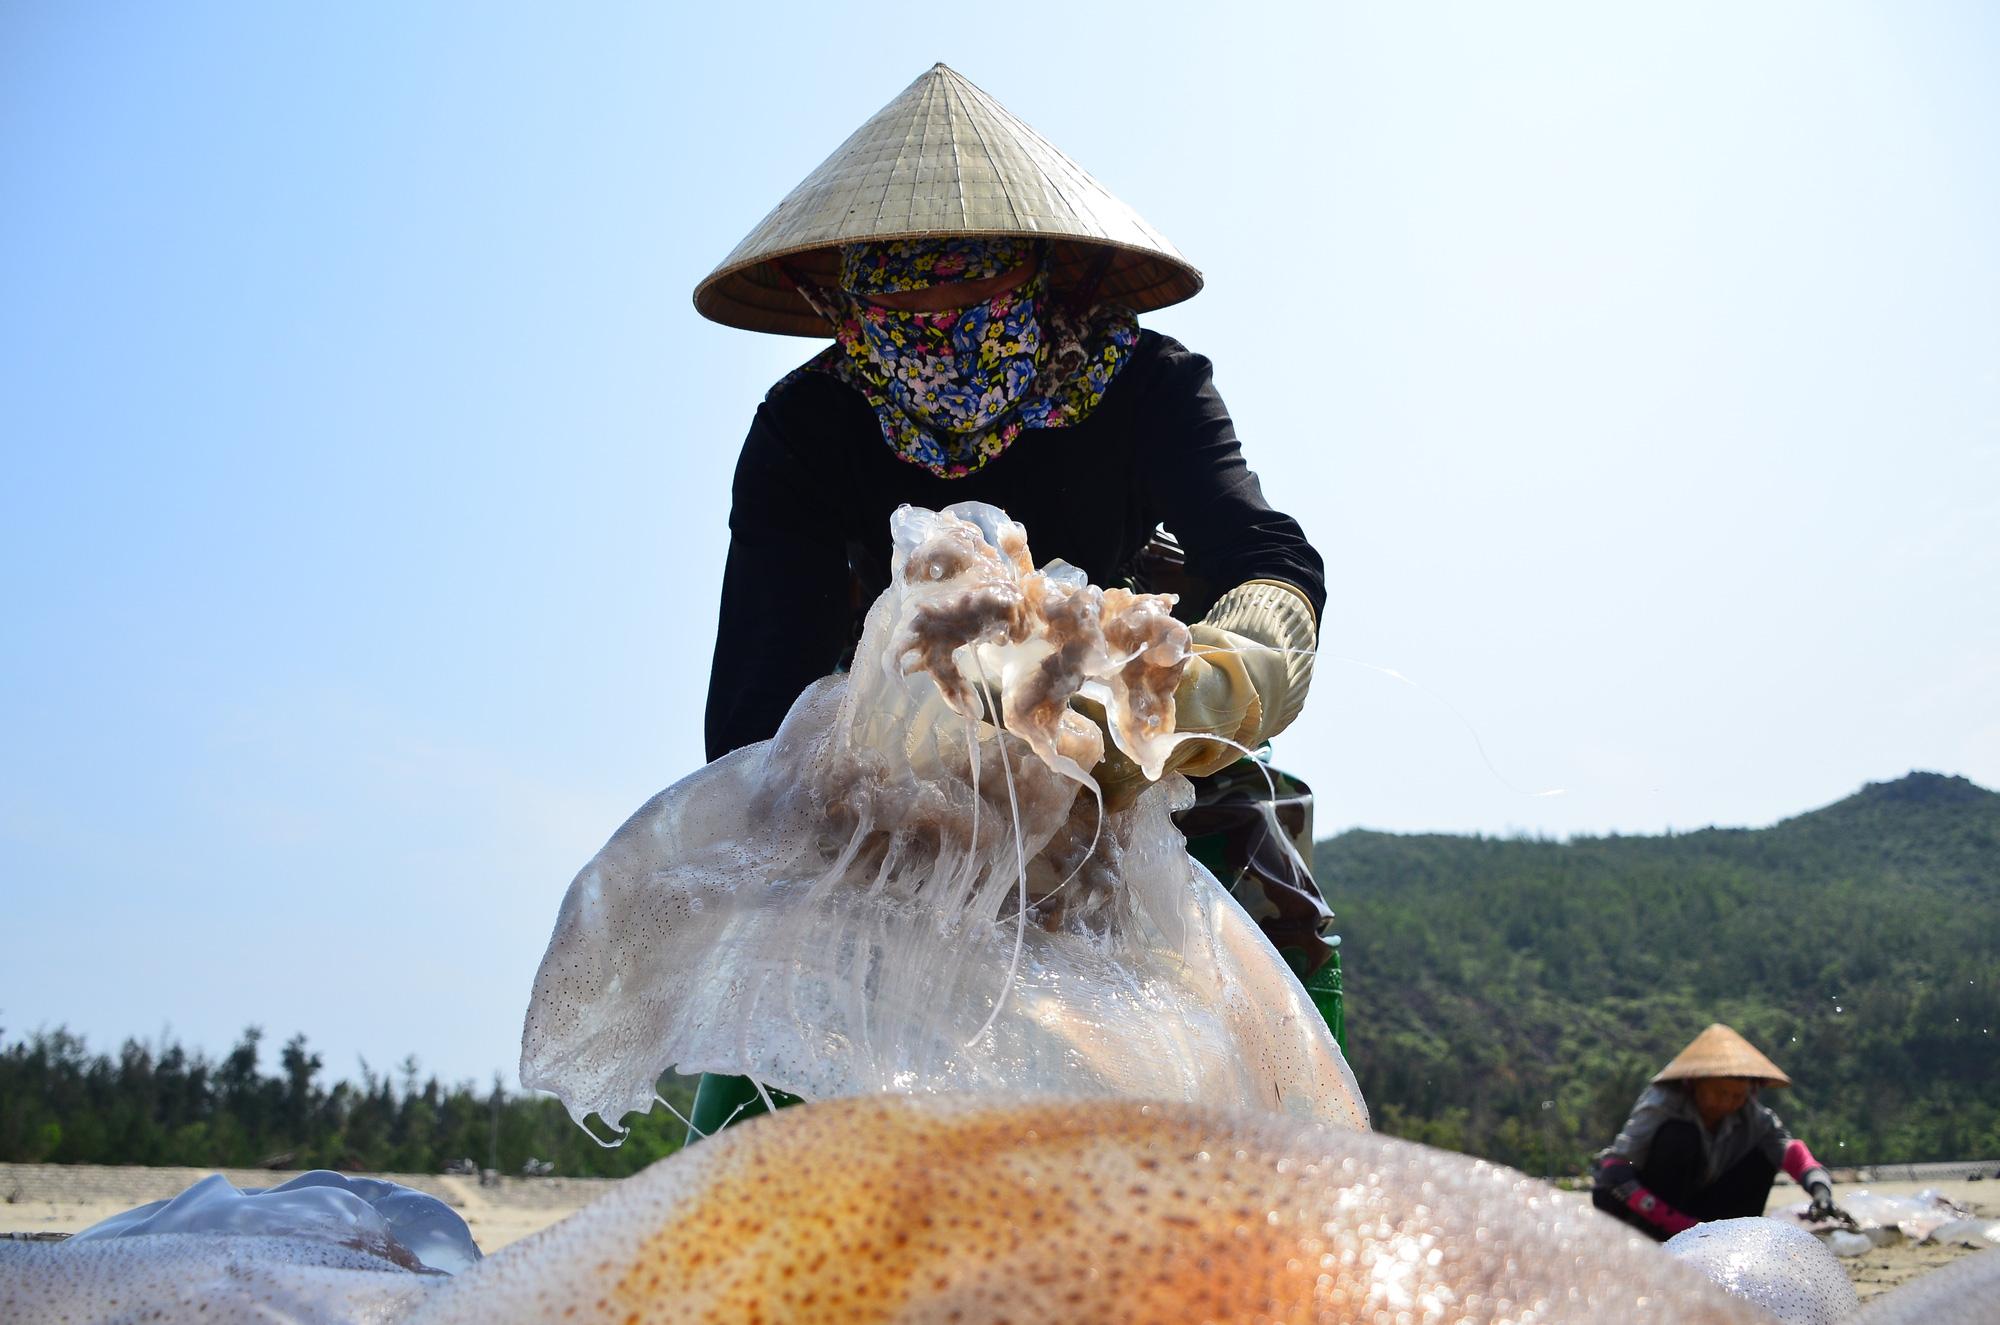 Hà Tĩnh: Nắng nóng, gió lào bỏng rát ngư dân vẫn ra biển thu hoạch sứa kiếm bộn tiền. - Ảnh 1.